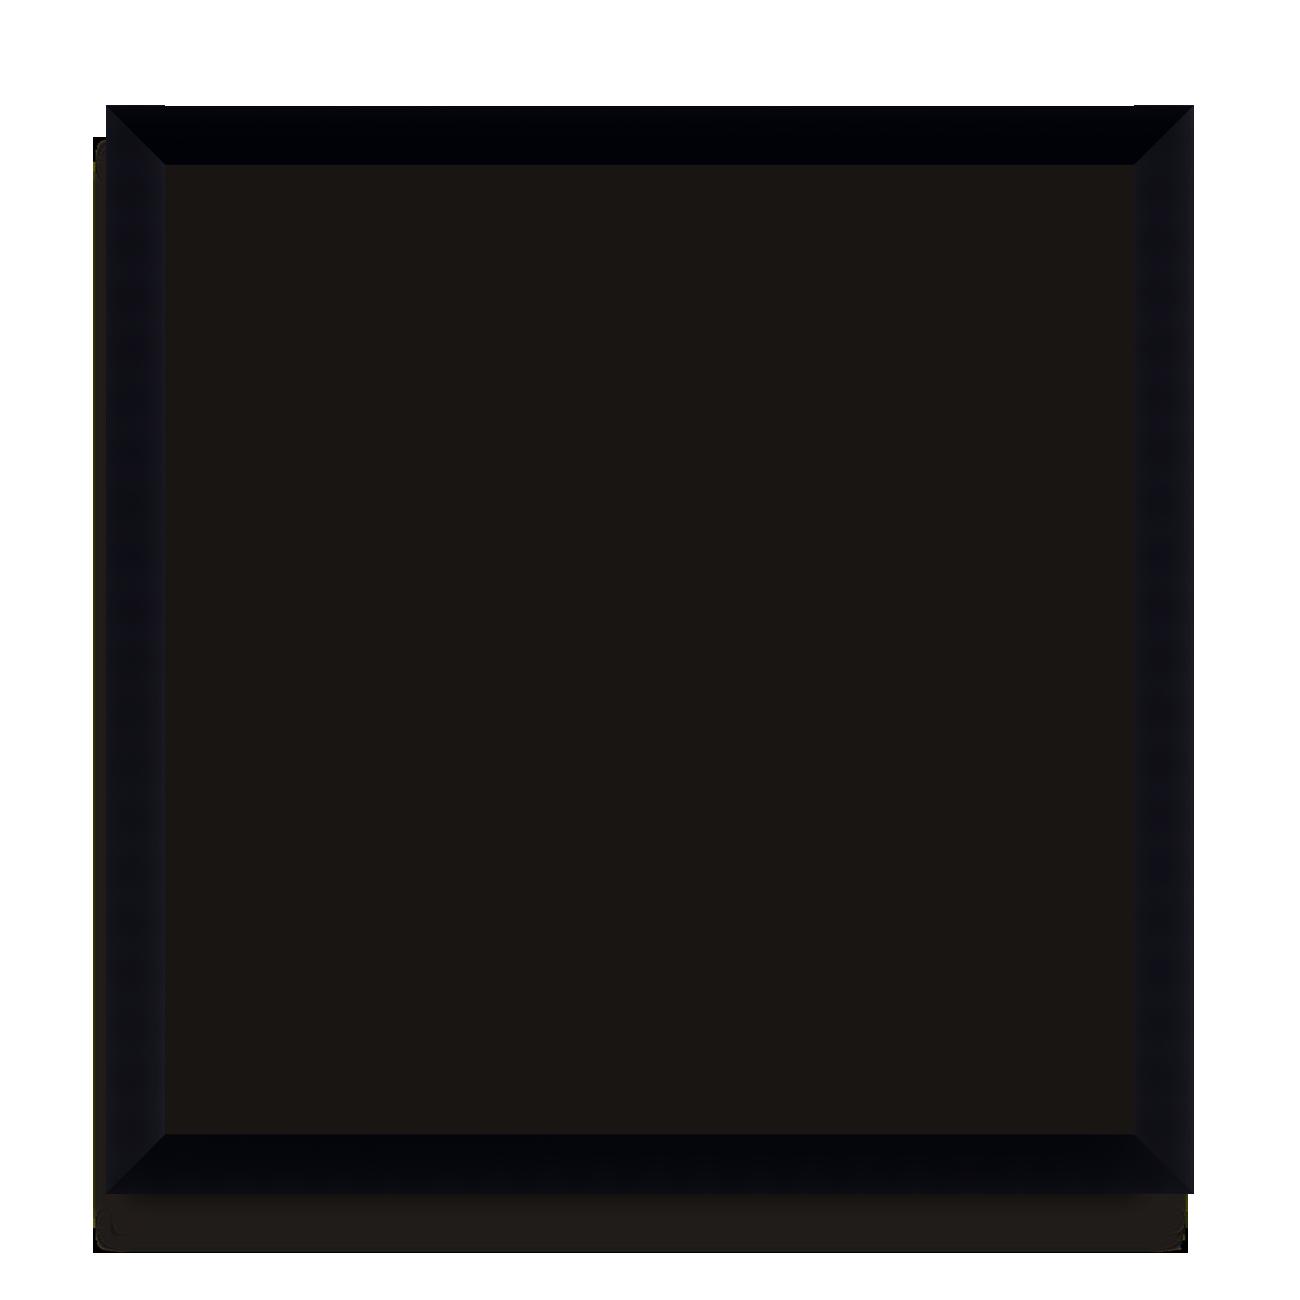 0497-0900 Kastenprofil schwarz Hochglanz   nordrahmen gmbh ...